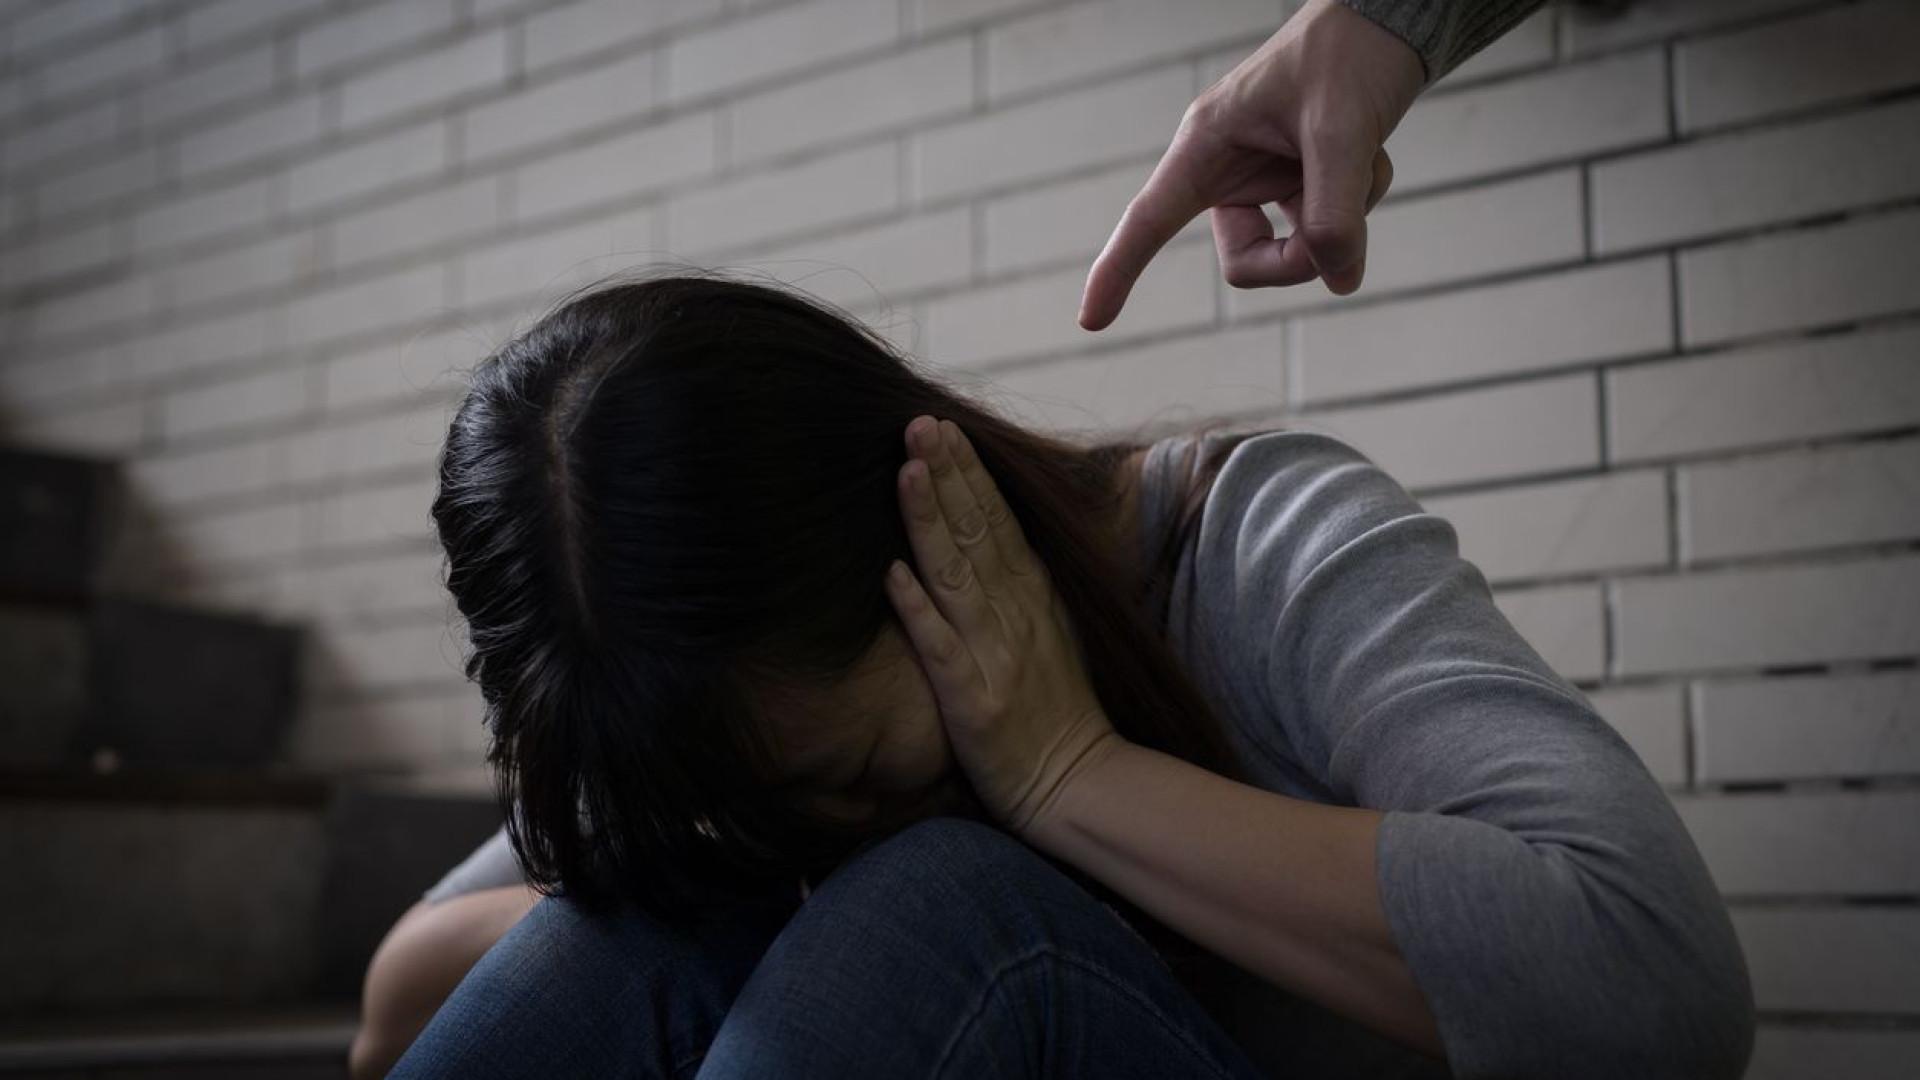 Linha para vítimas de violência doméstica recebe mais de 59 mil chamadas